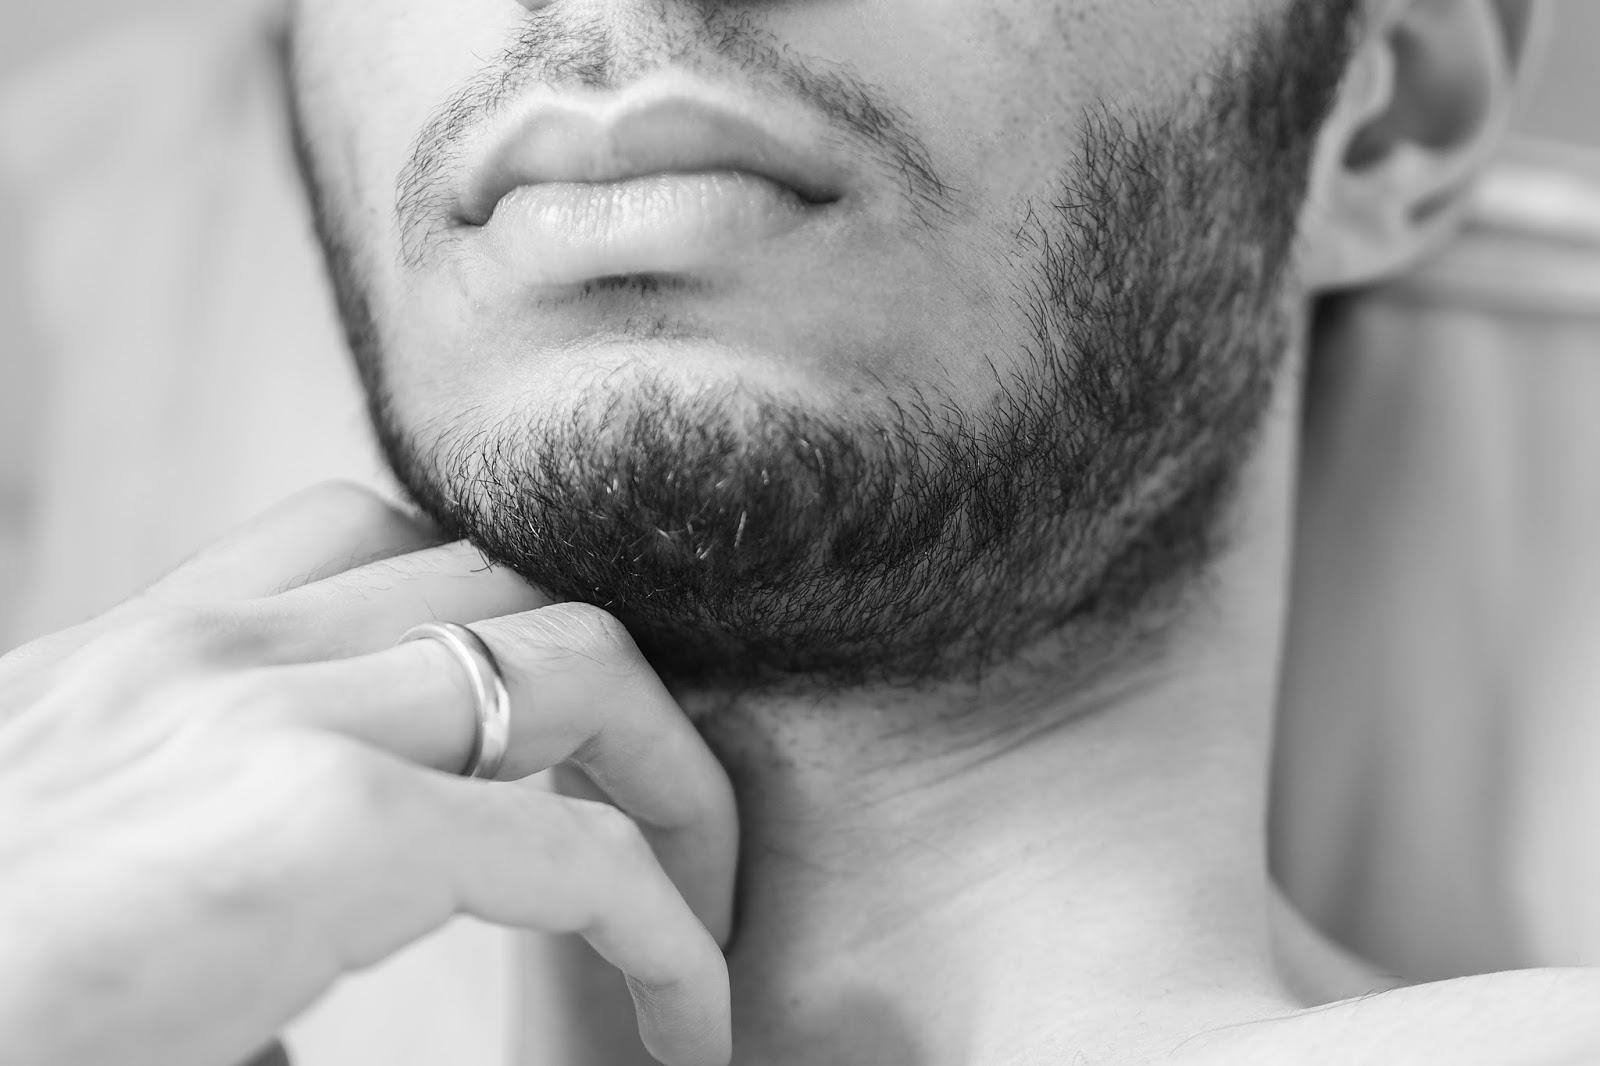 How To Avoid A Patchy Beard - Salman Dean